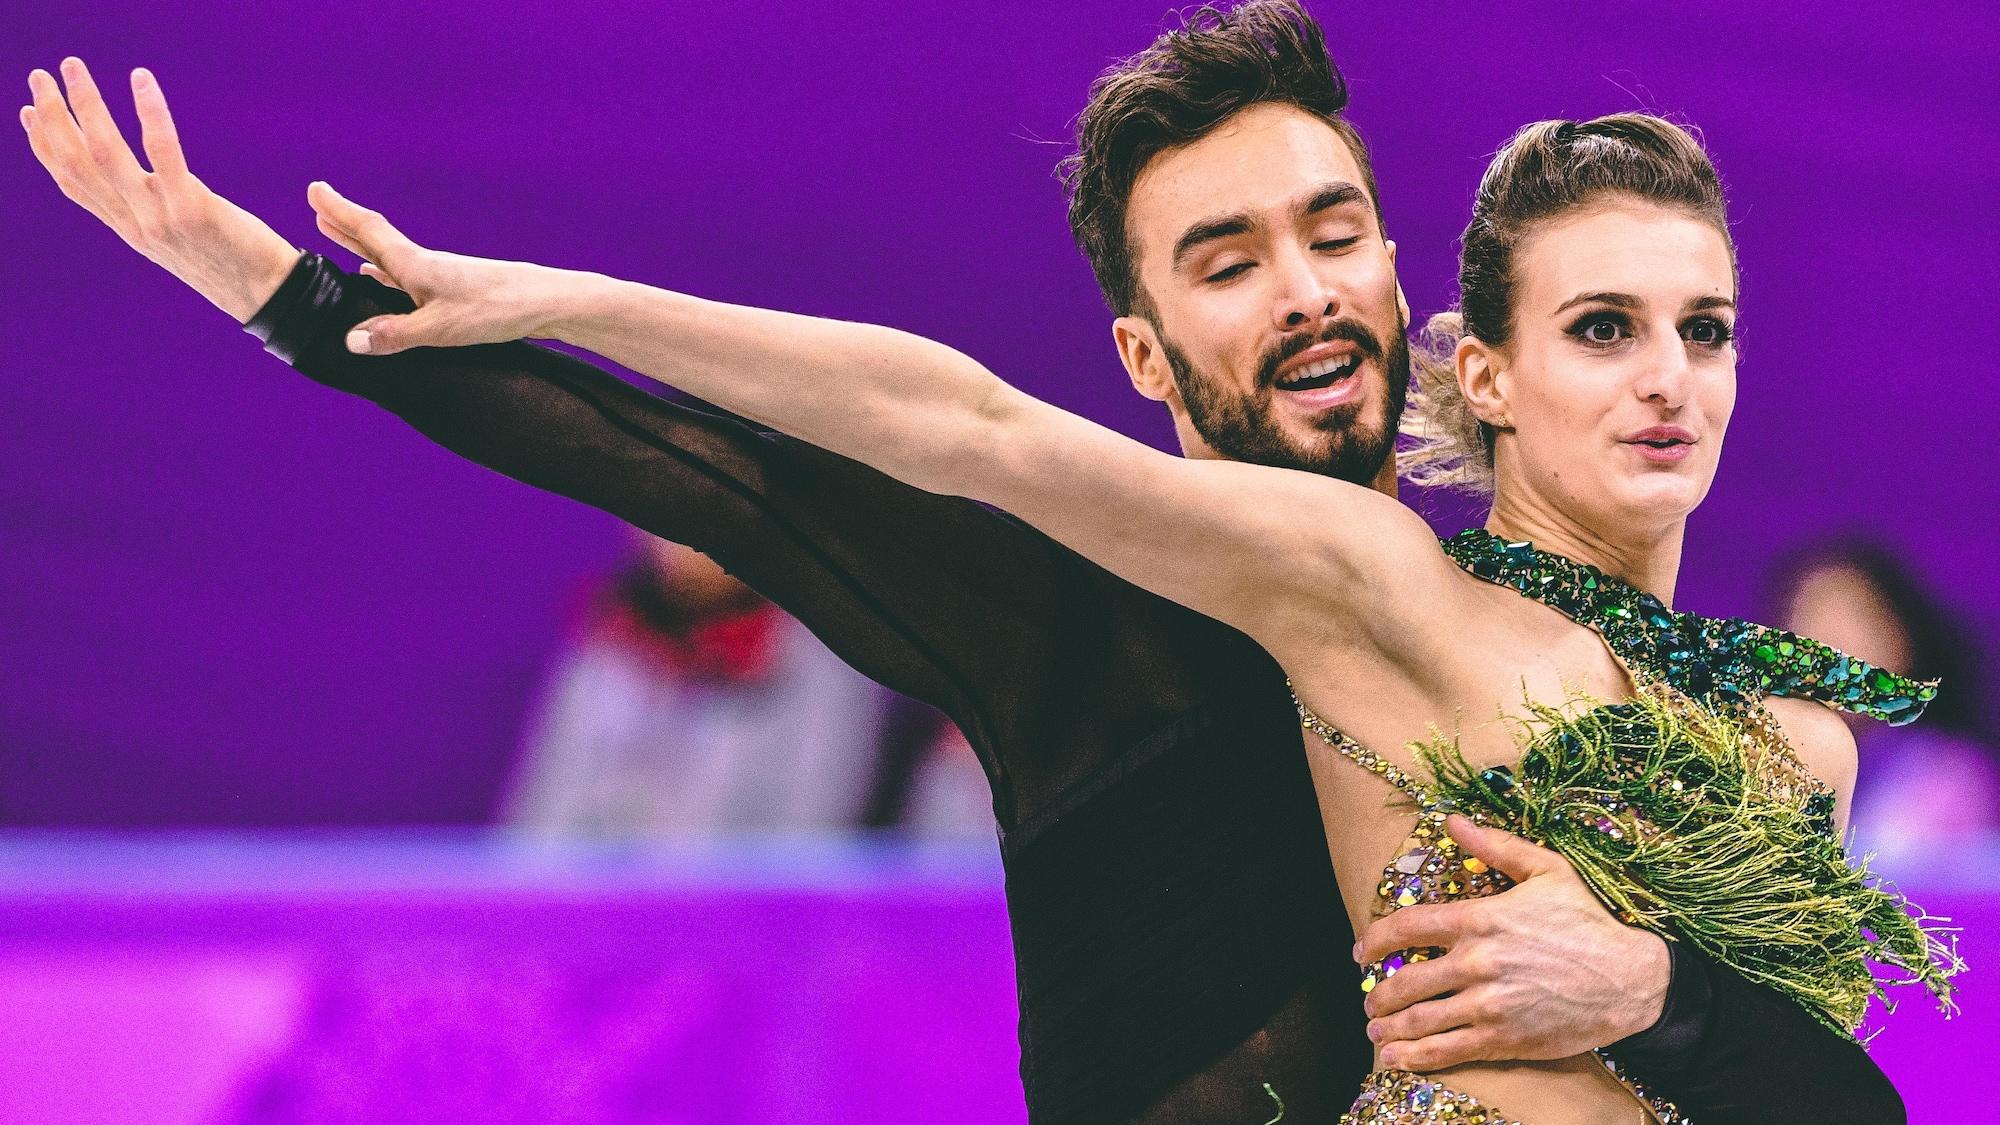 Guillaume Cizeron et Gabriella Papadakis pendant leur danse courte aux Jeux olympiques de Pyeongchang.